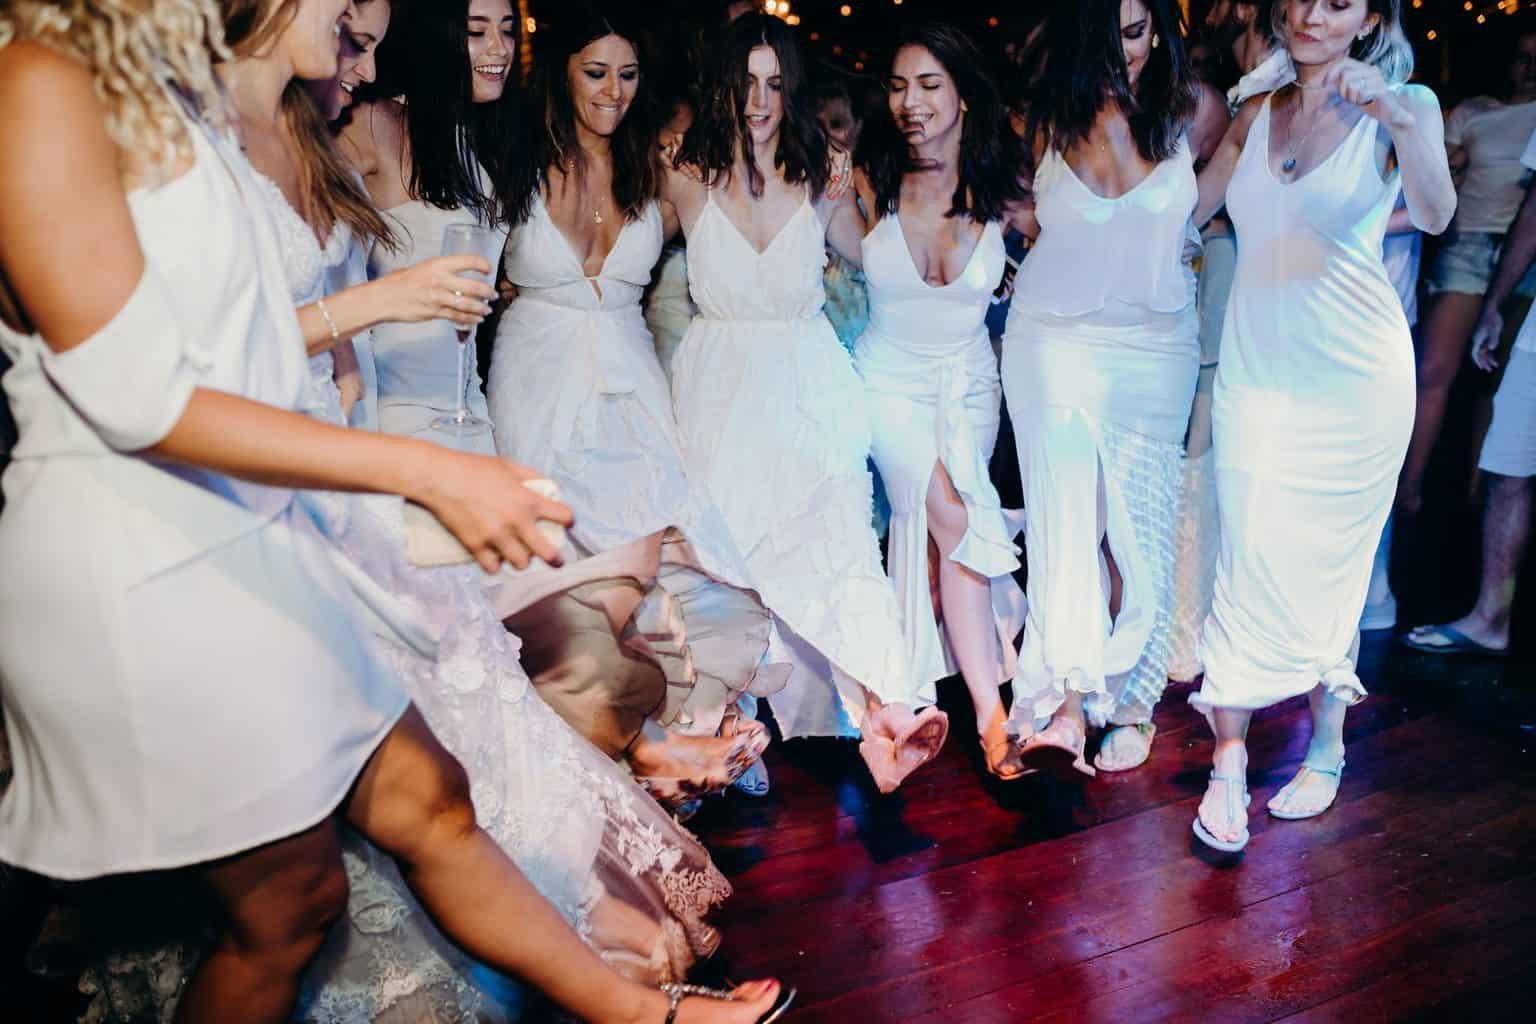 casamento-Danielle-e-Guilherme-aloha-fotografia-caseme-133